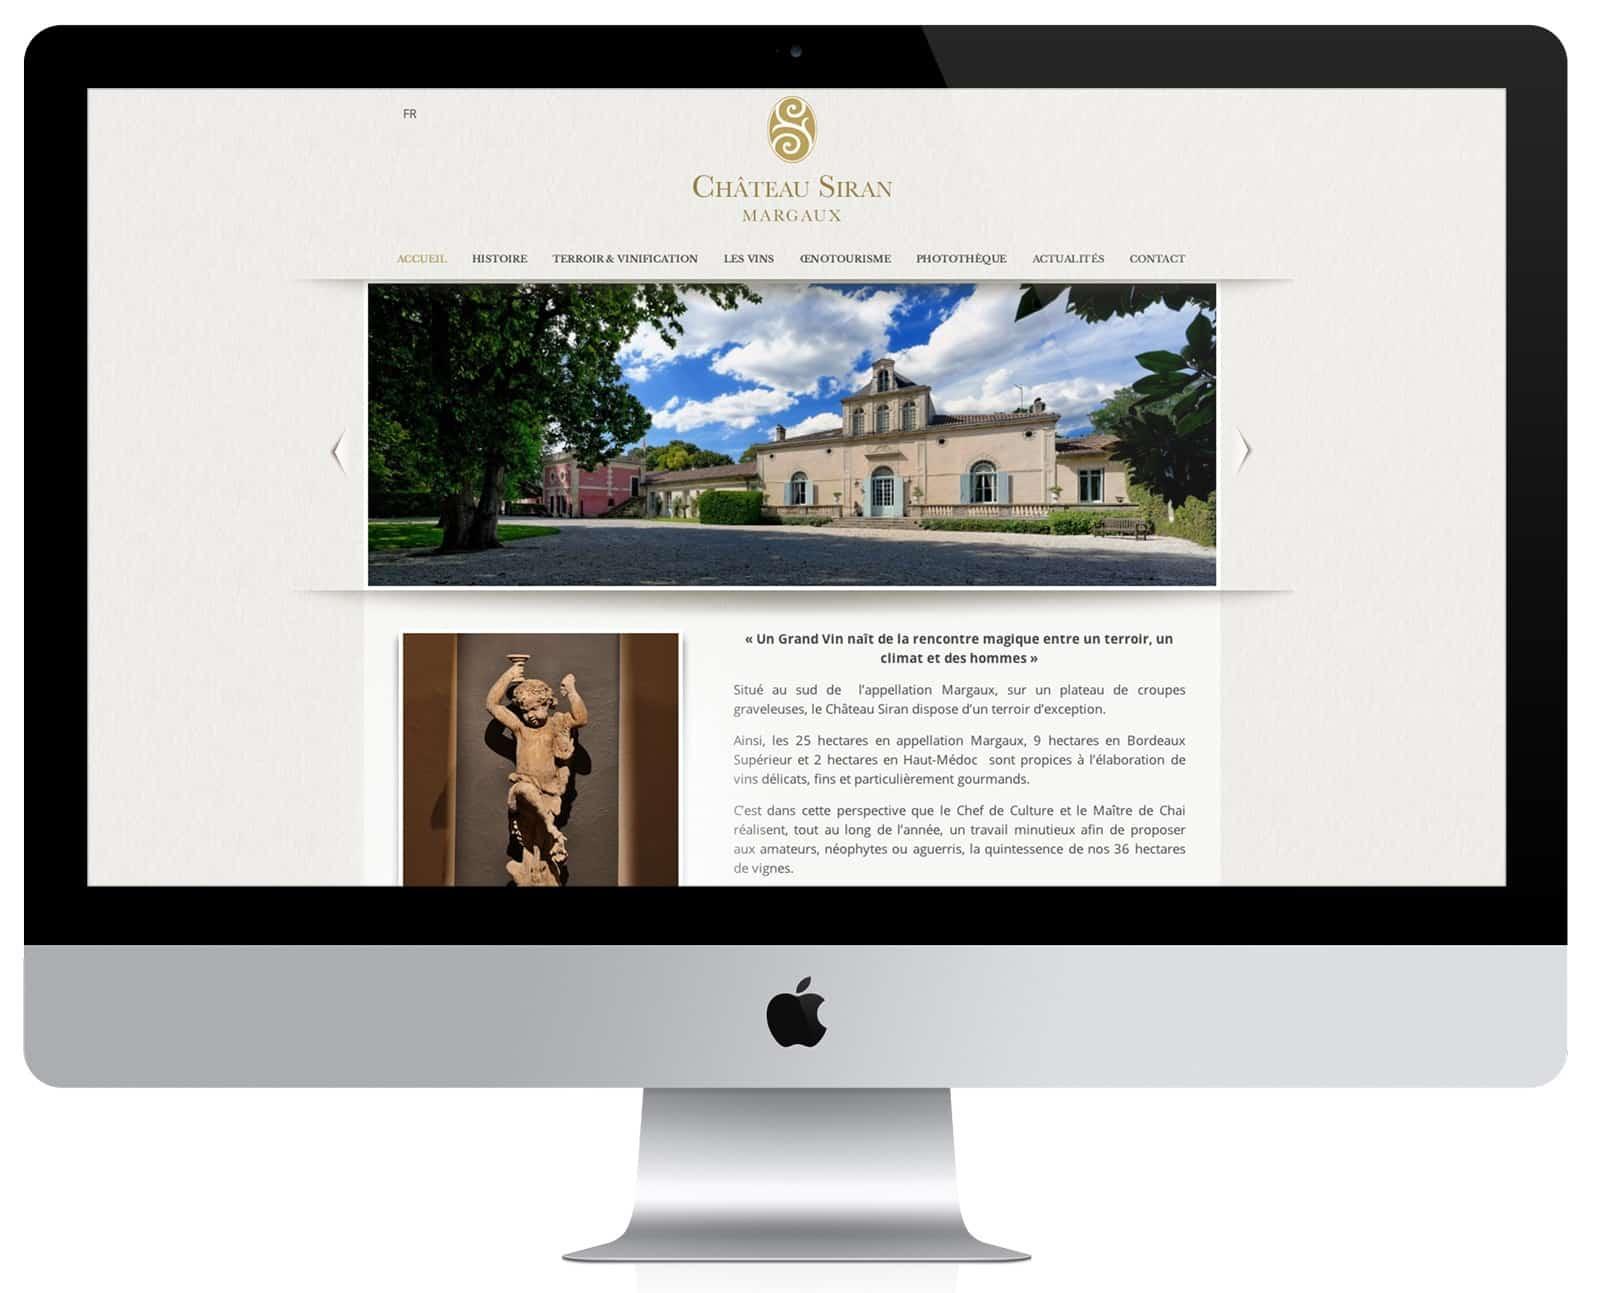 Château Siran un grand vin de Margaux